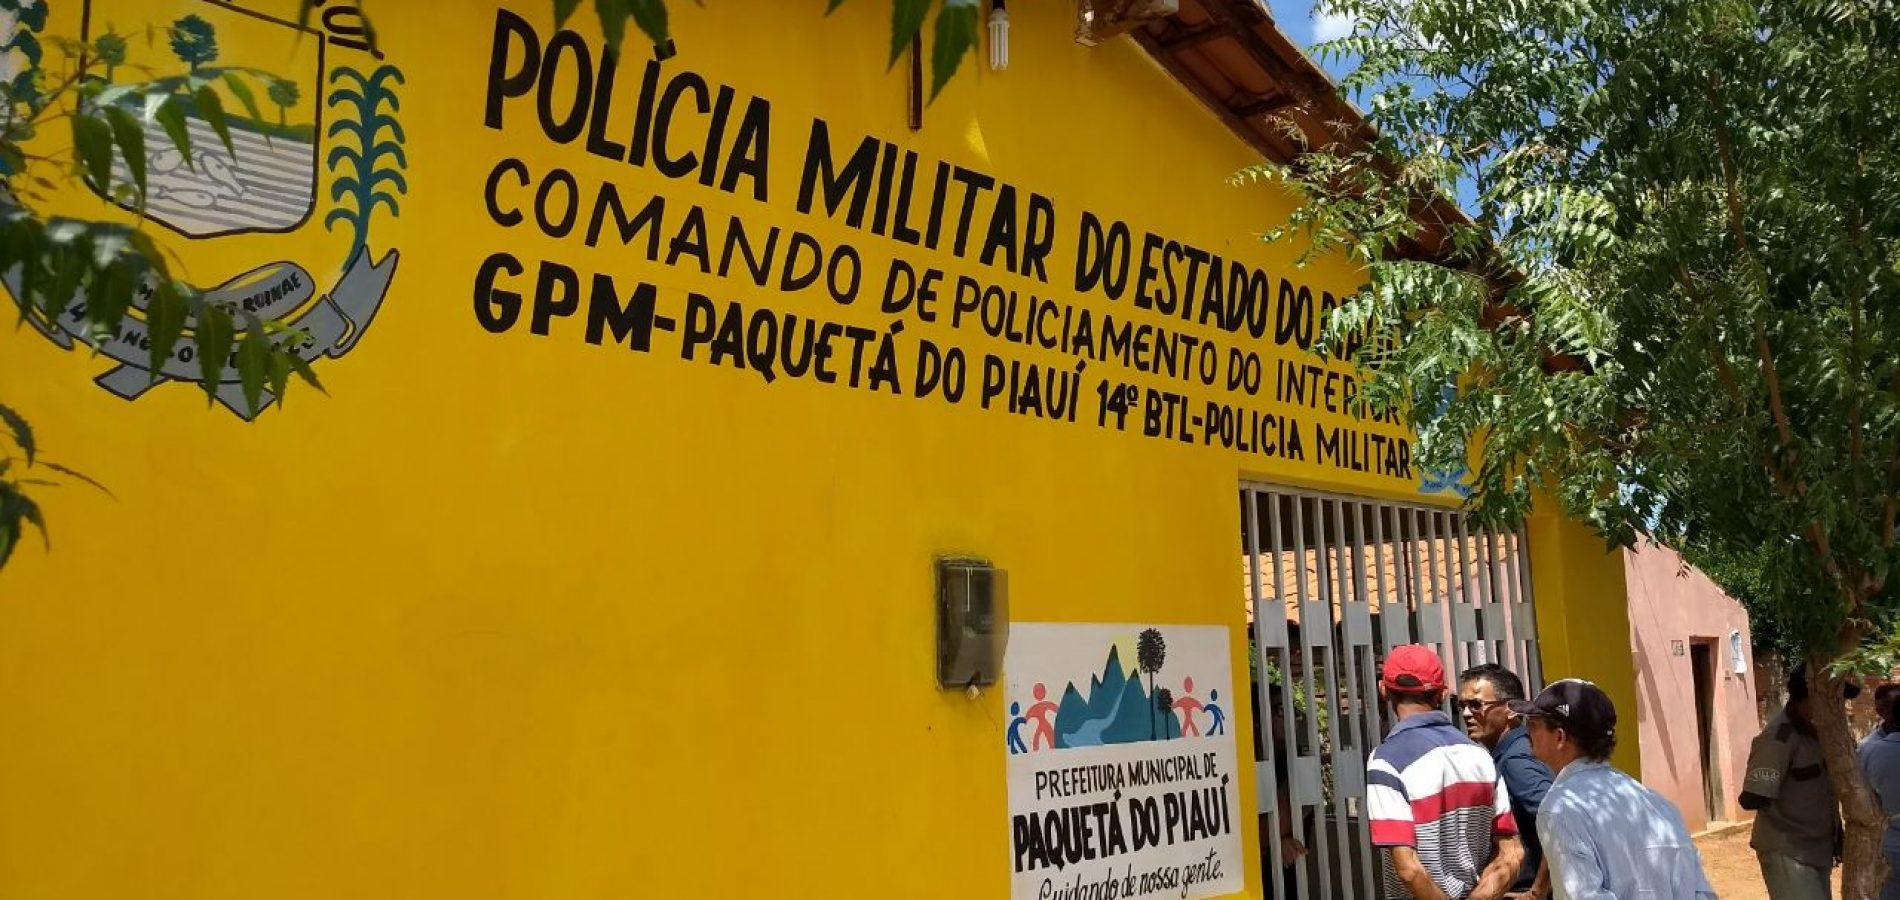 Mulher pode ter presenciado morte de policial em Paquetá